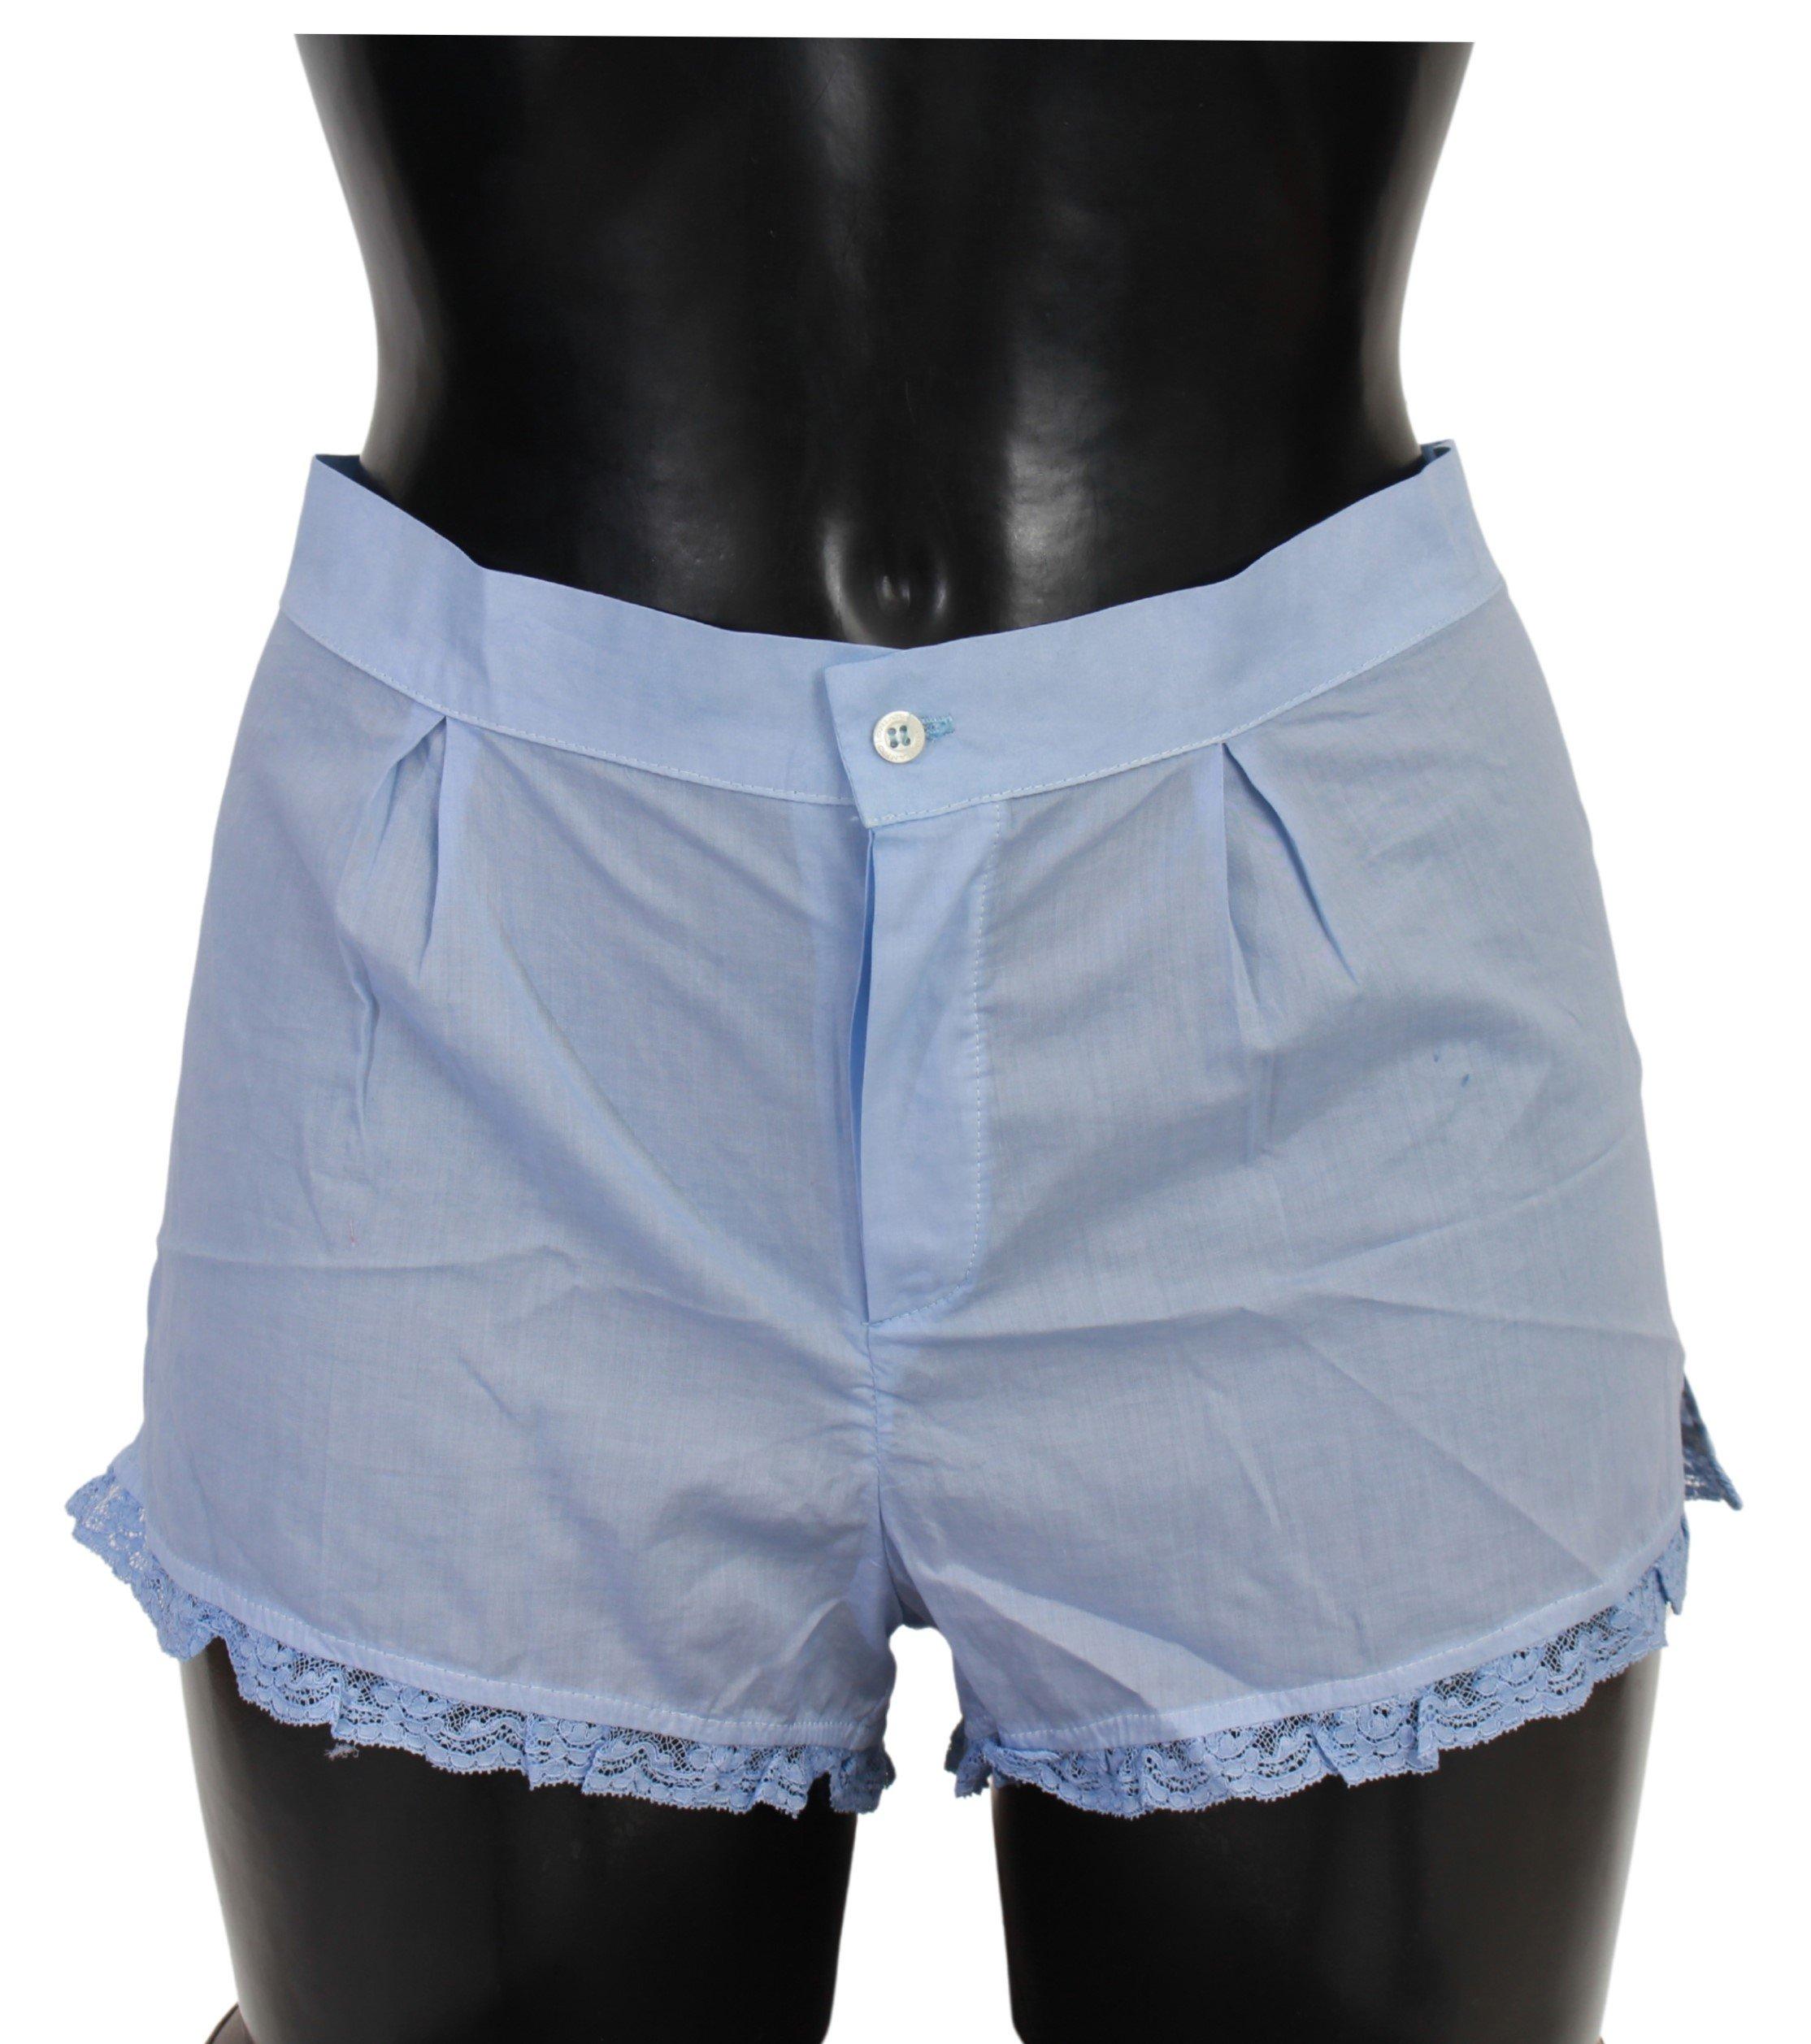 Ermanno Scervino Women's Lace Cotton Shorts Blue Blue BIK759 - IT2 | S